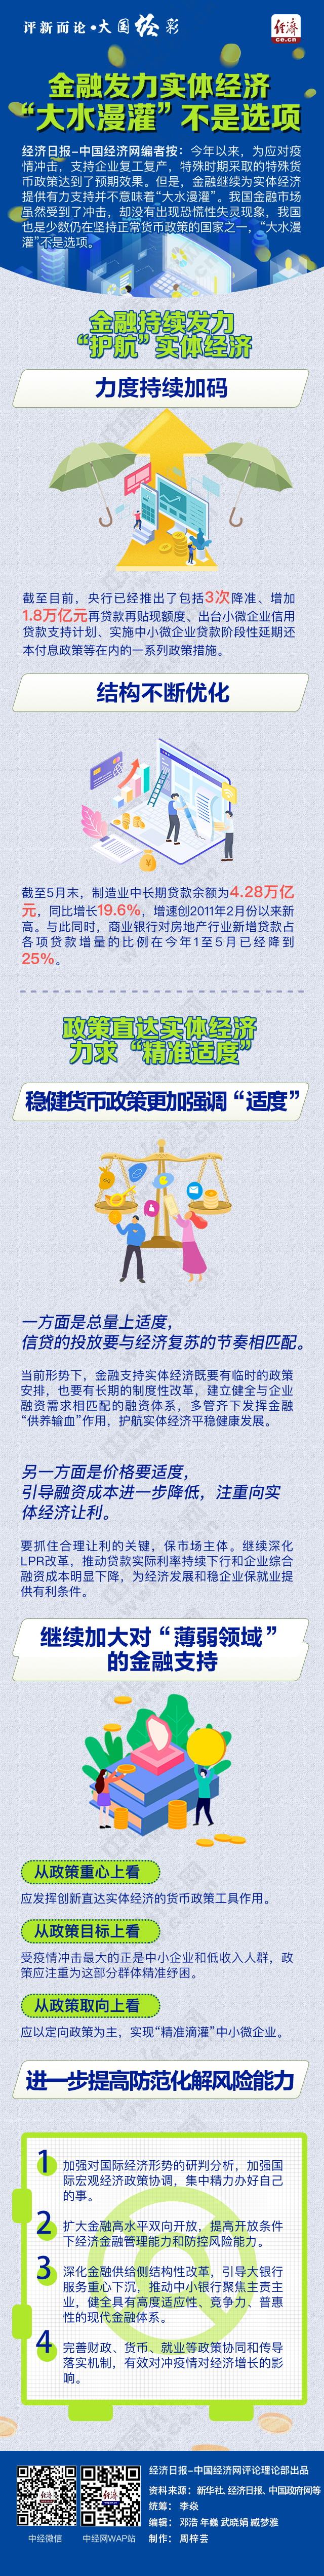 """【评新而论·大国经彩】图解:金融发力实体经济 """"大水漫灌""""不是选项"""